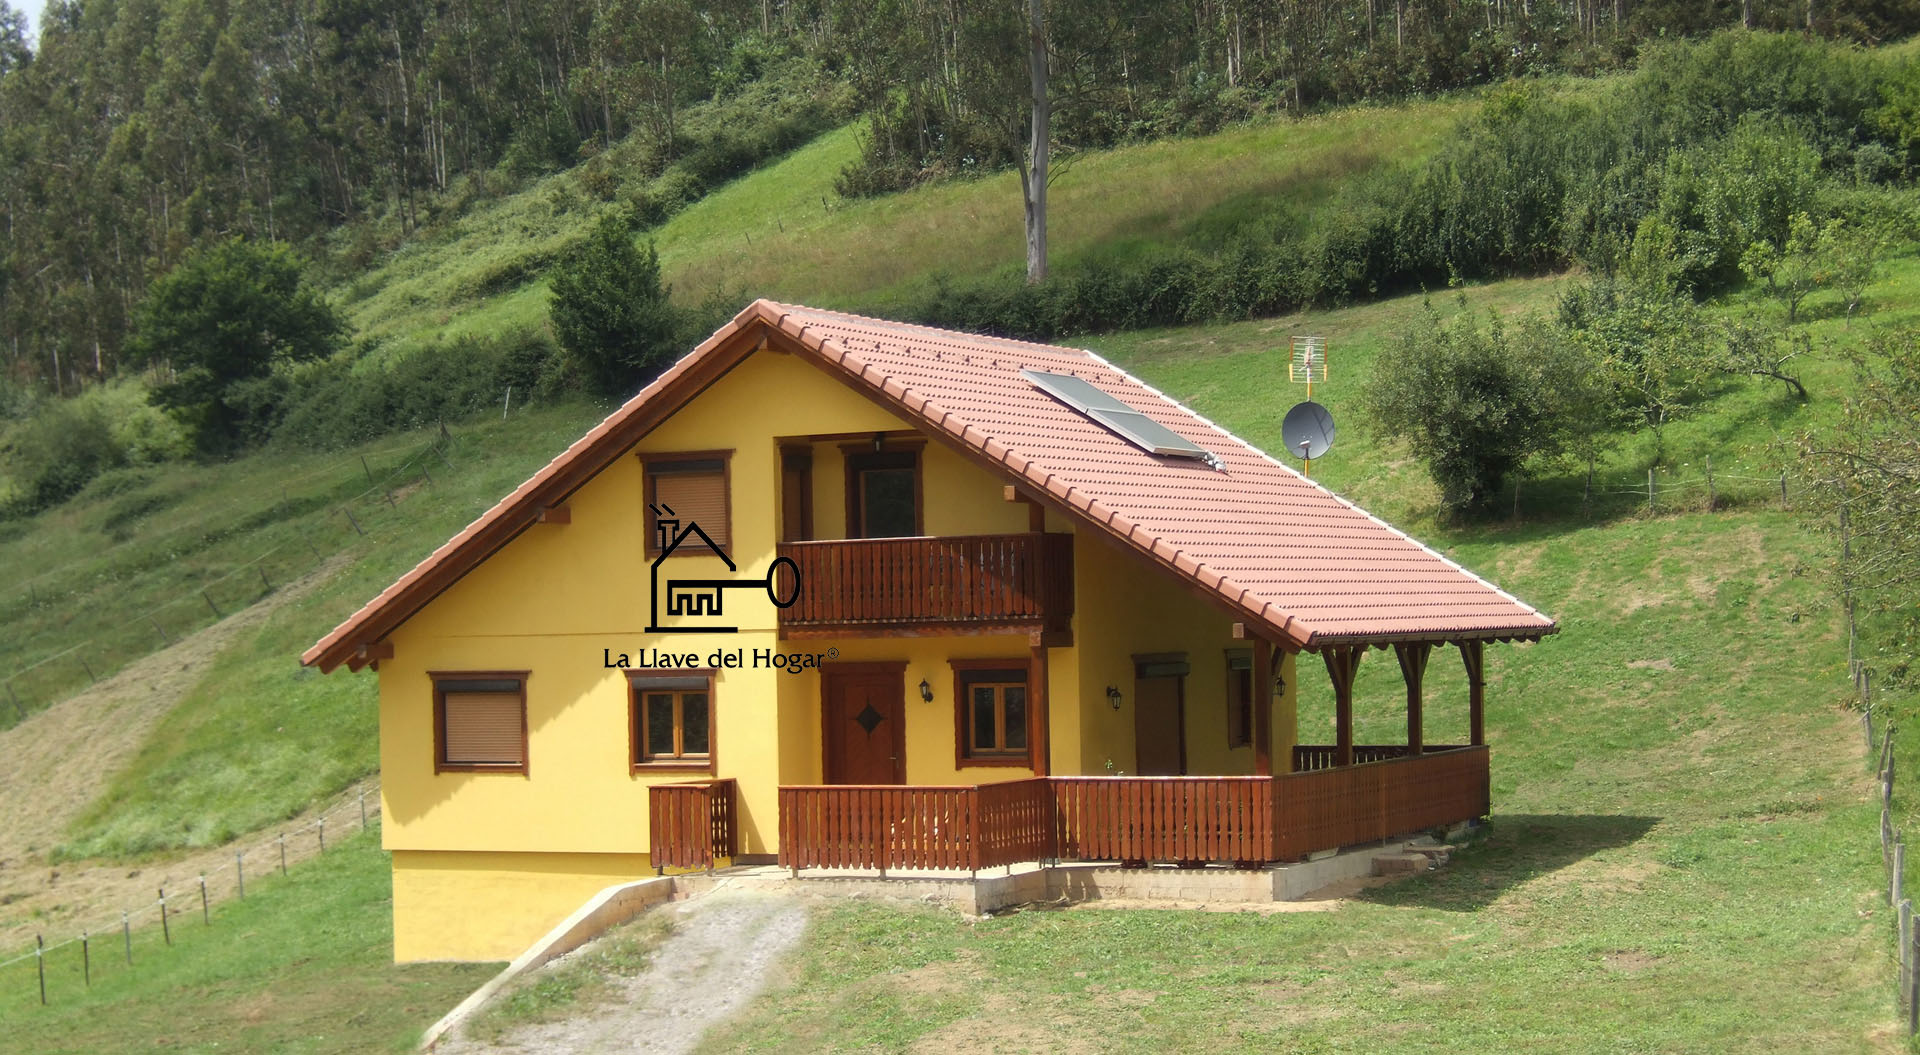 La llave del hogar casas de madera y entramado ligero for Casas de jardin de madera baratas